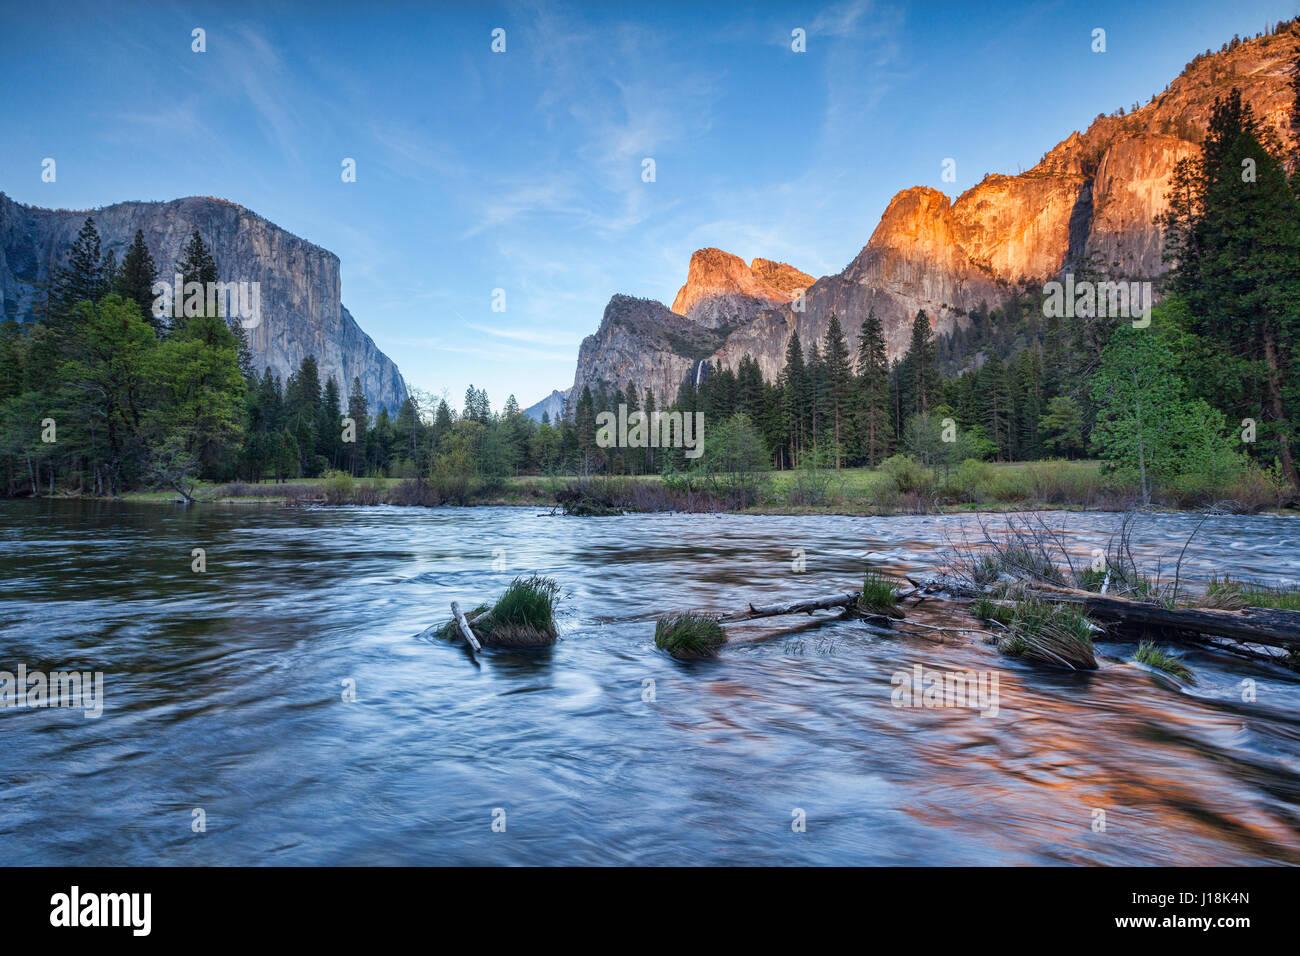 Une soirée tranquille comme le soleil se couche dans le Parc National de Yosemite, Calfornia, USA. Photo Stock